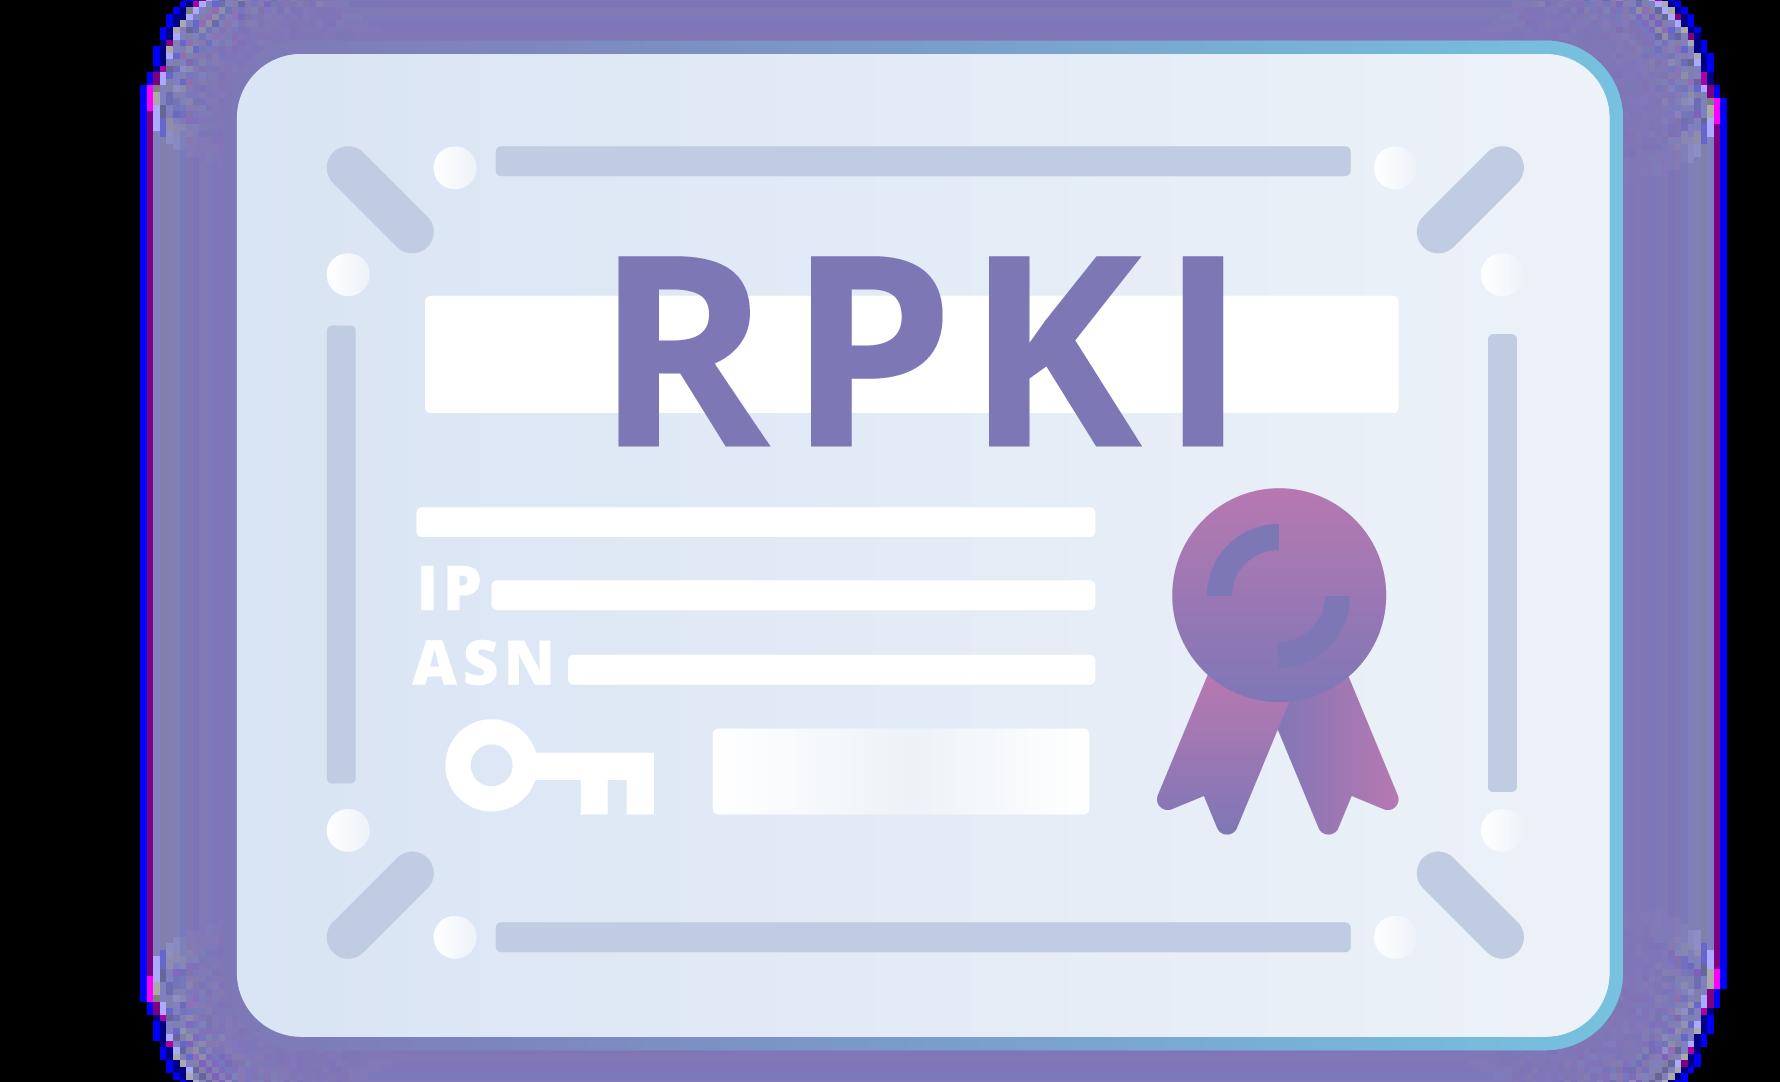 rpki-copy@6.5x-2